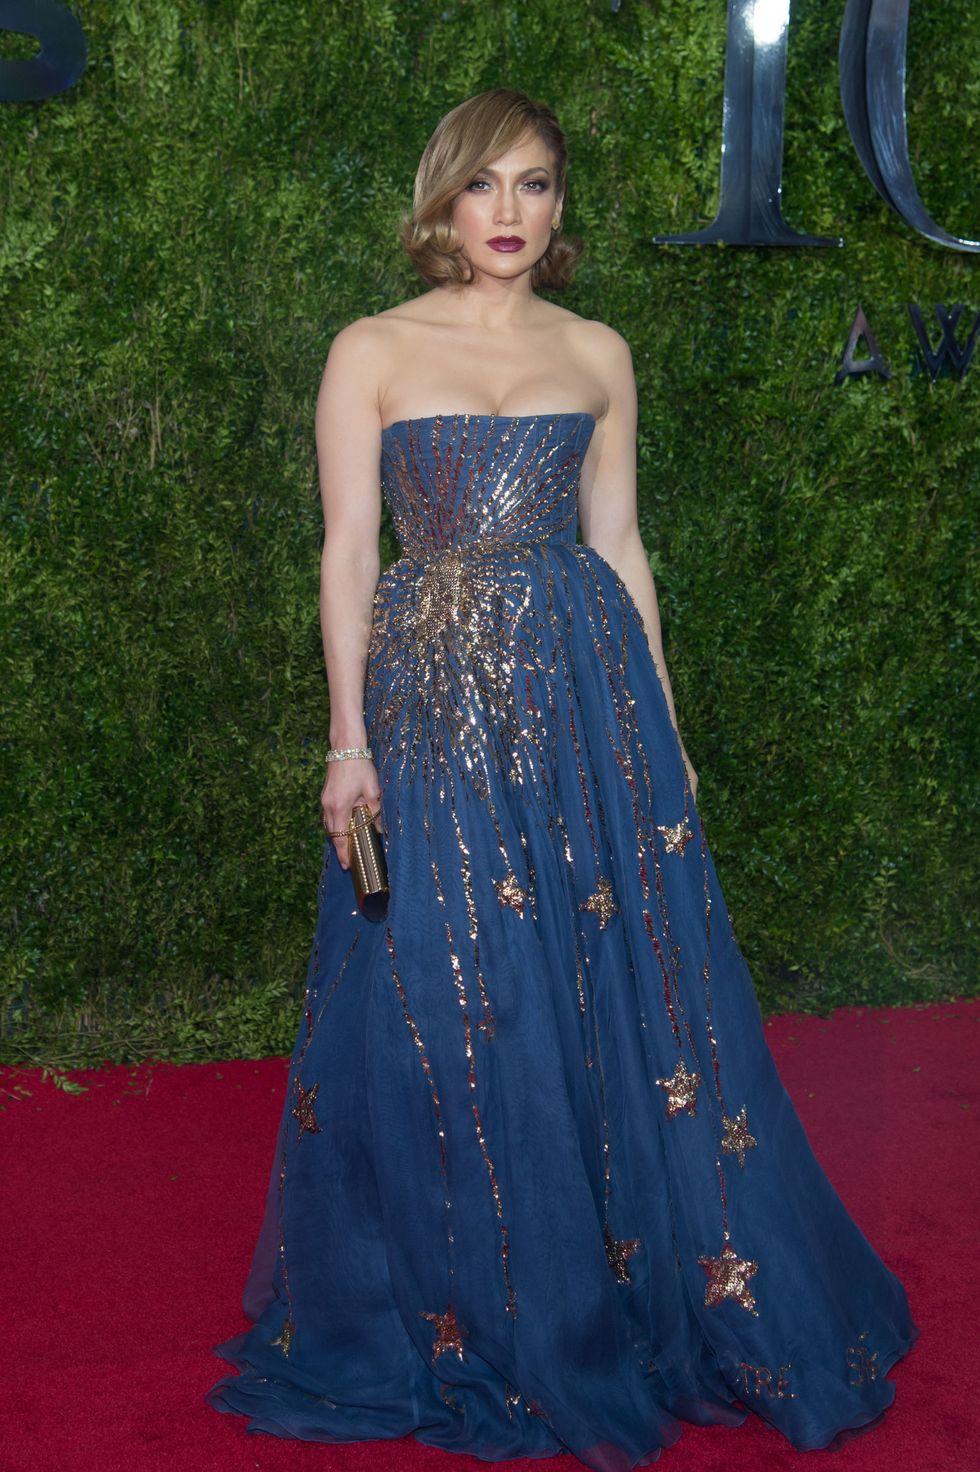 Meseszerű estélyiben a 2015-ös Tony Awards-on